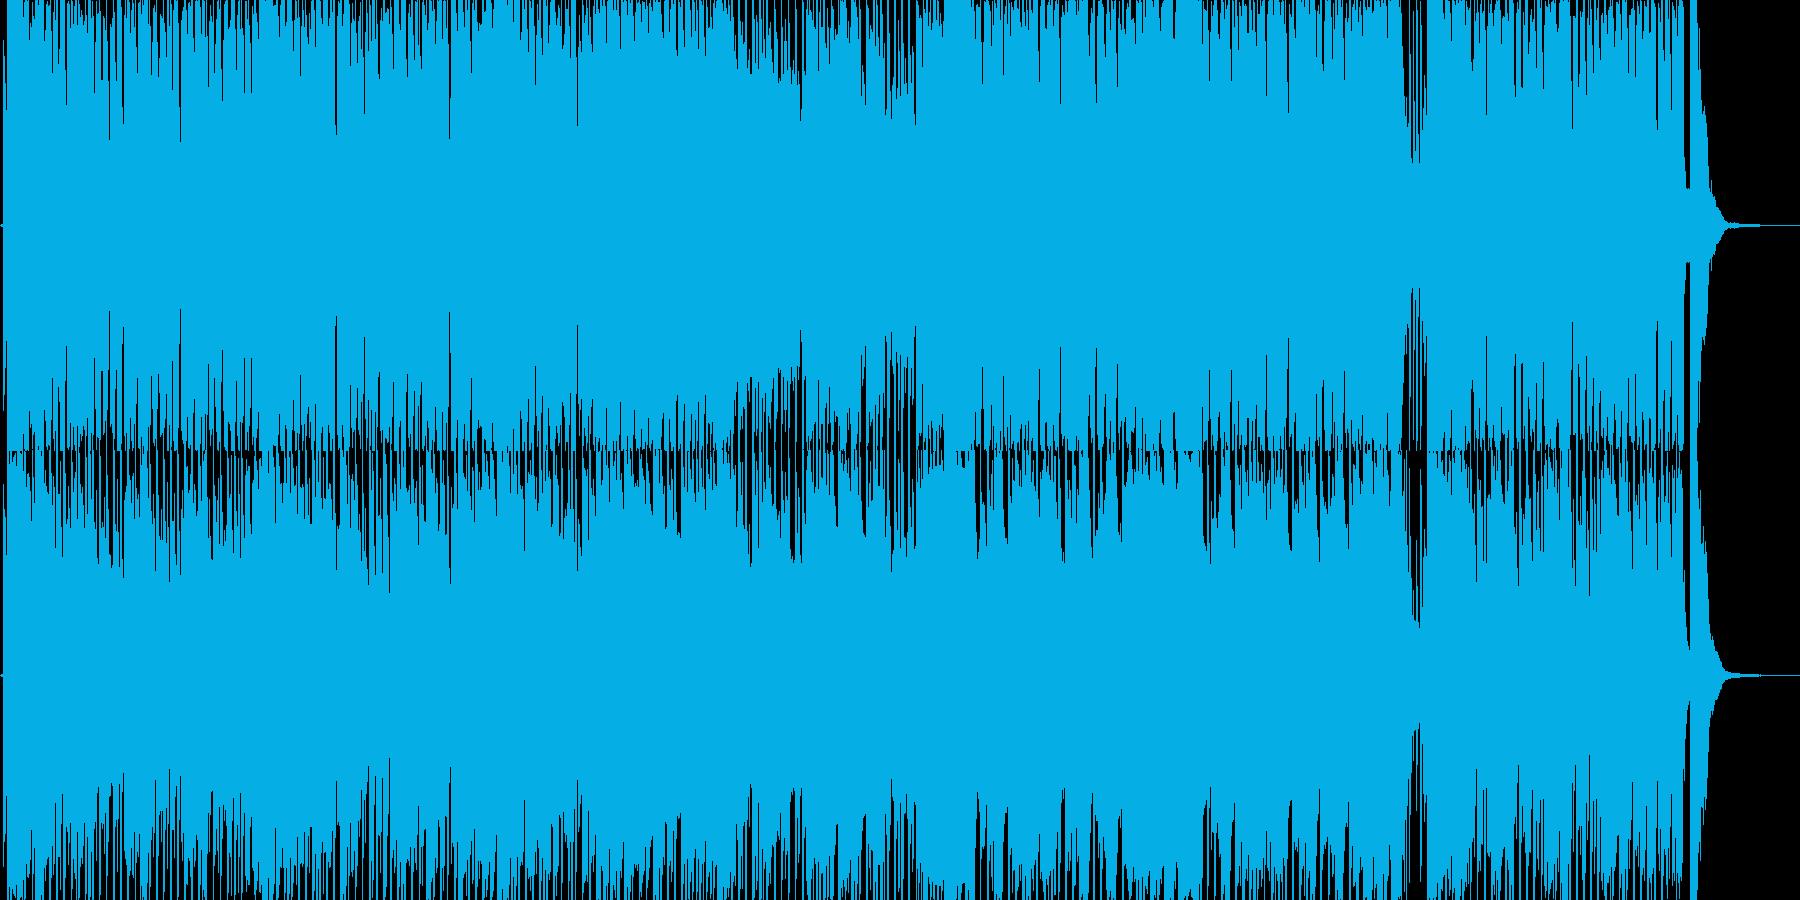 哀愁・秋をイメージしたピアノソロ曲の再生済みの波形